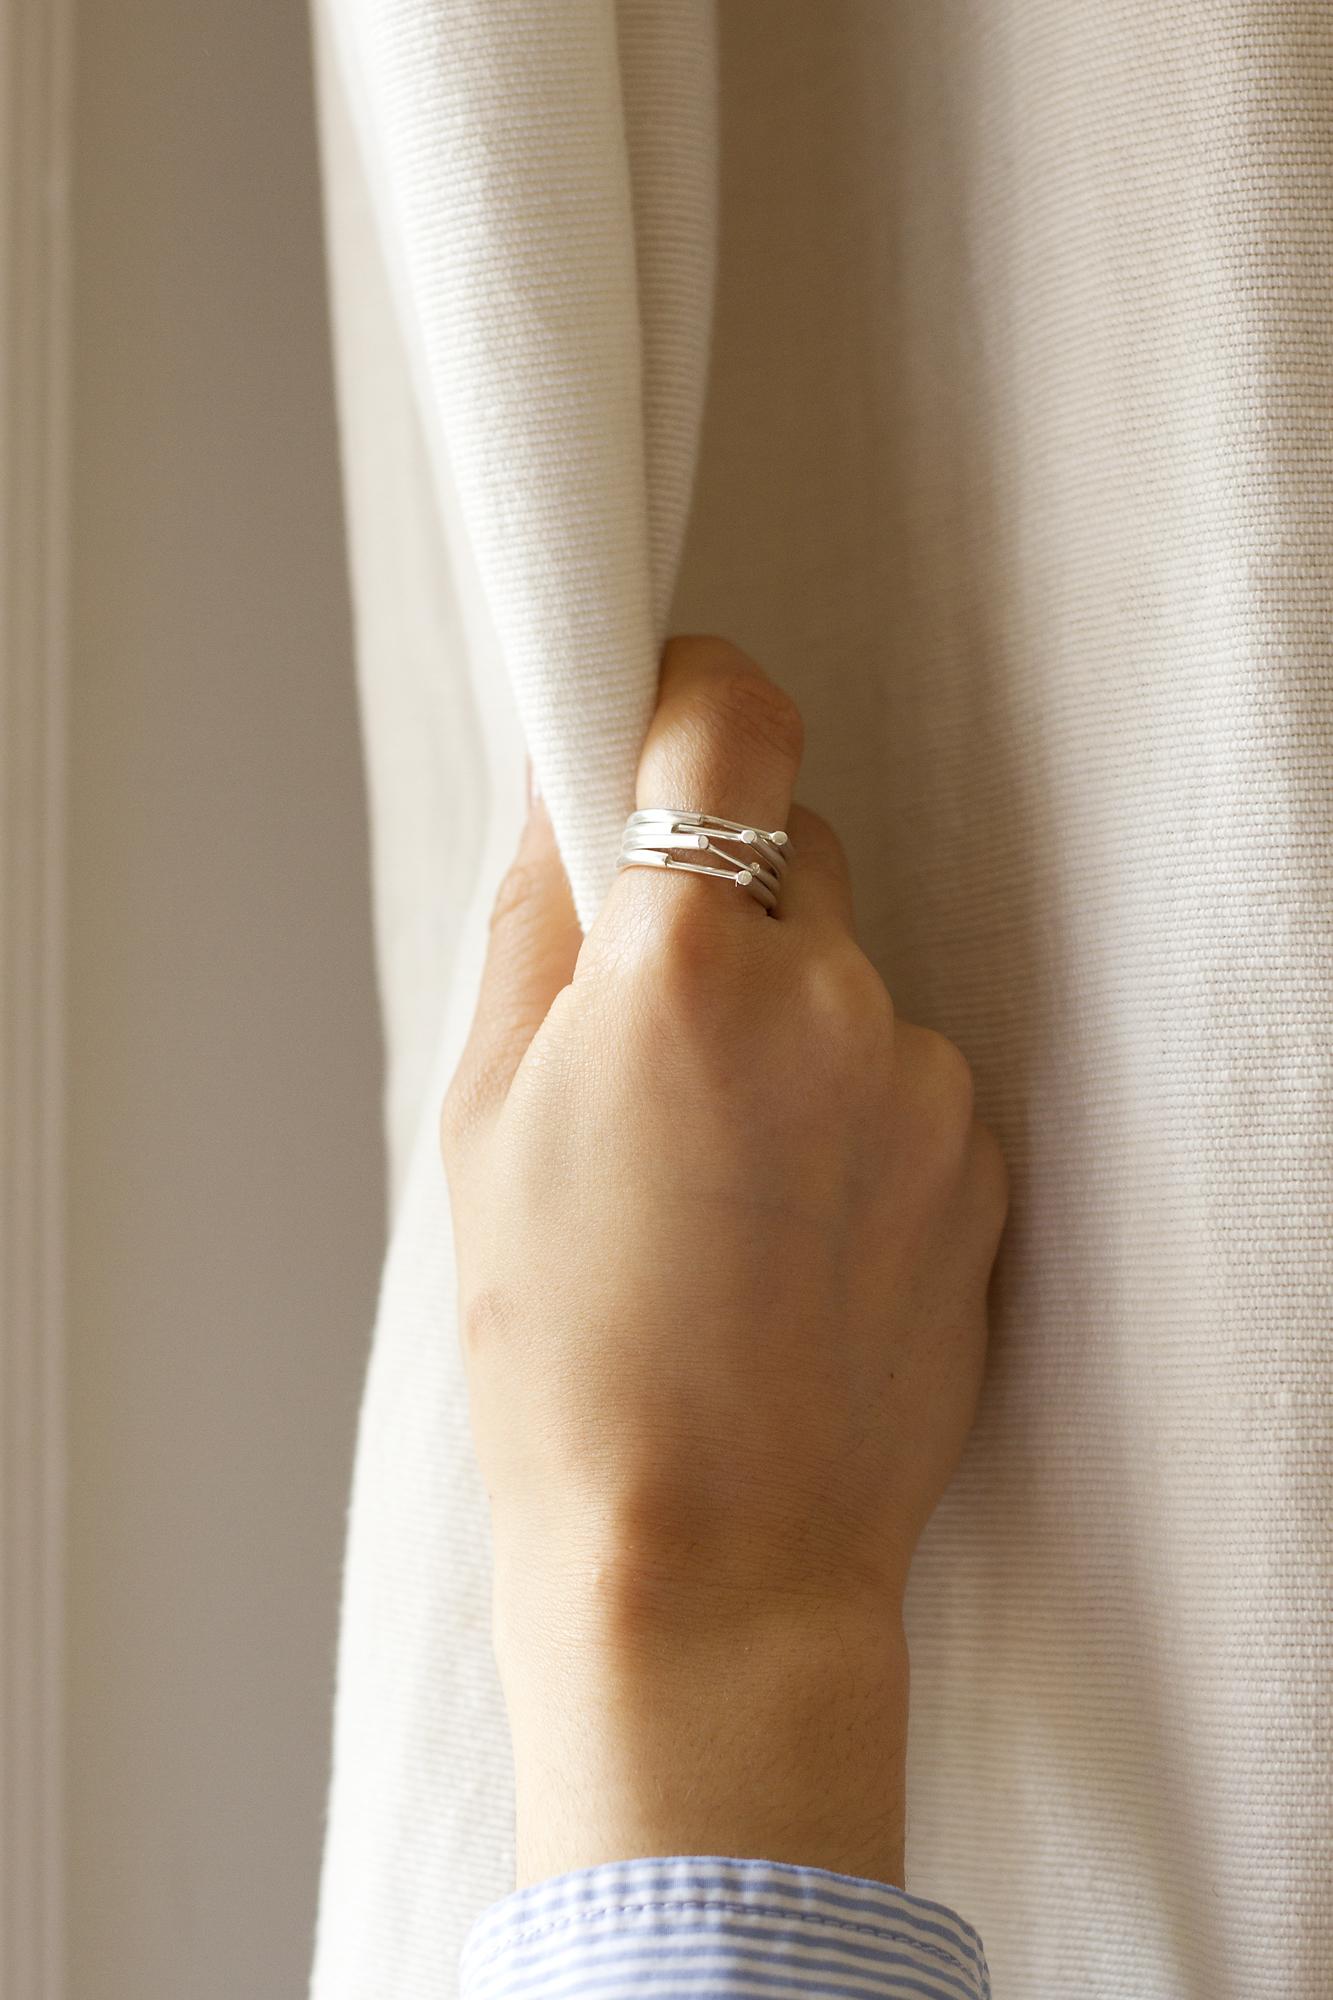 Nook rings